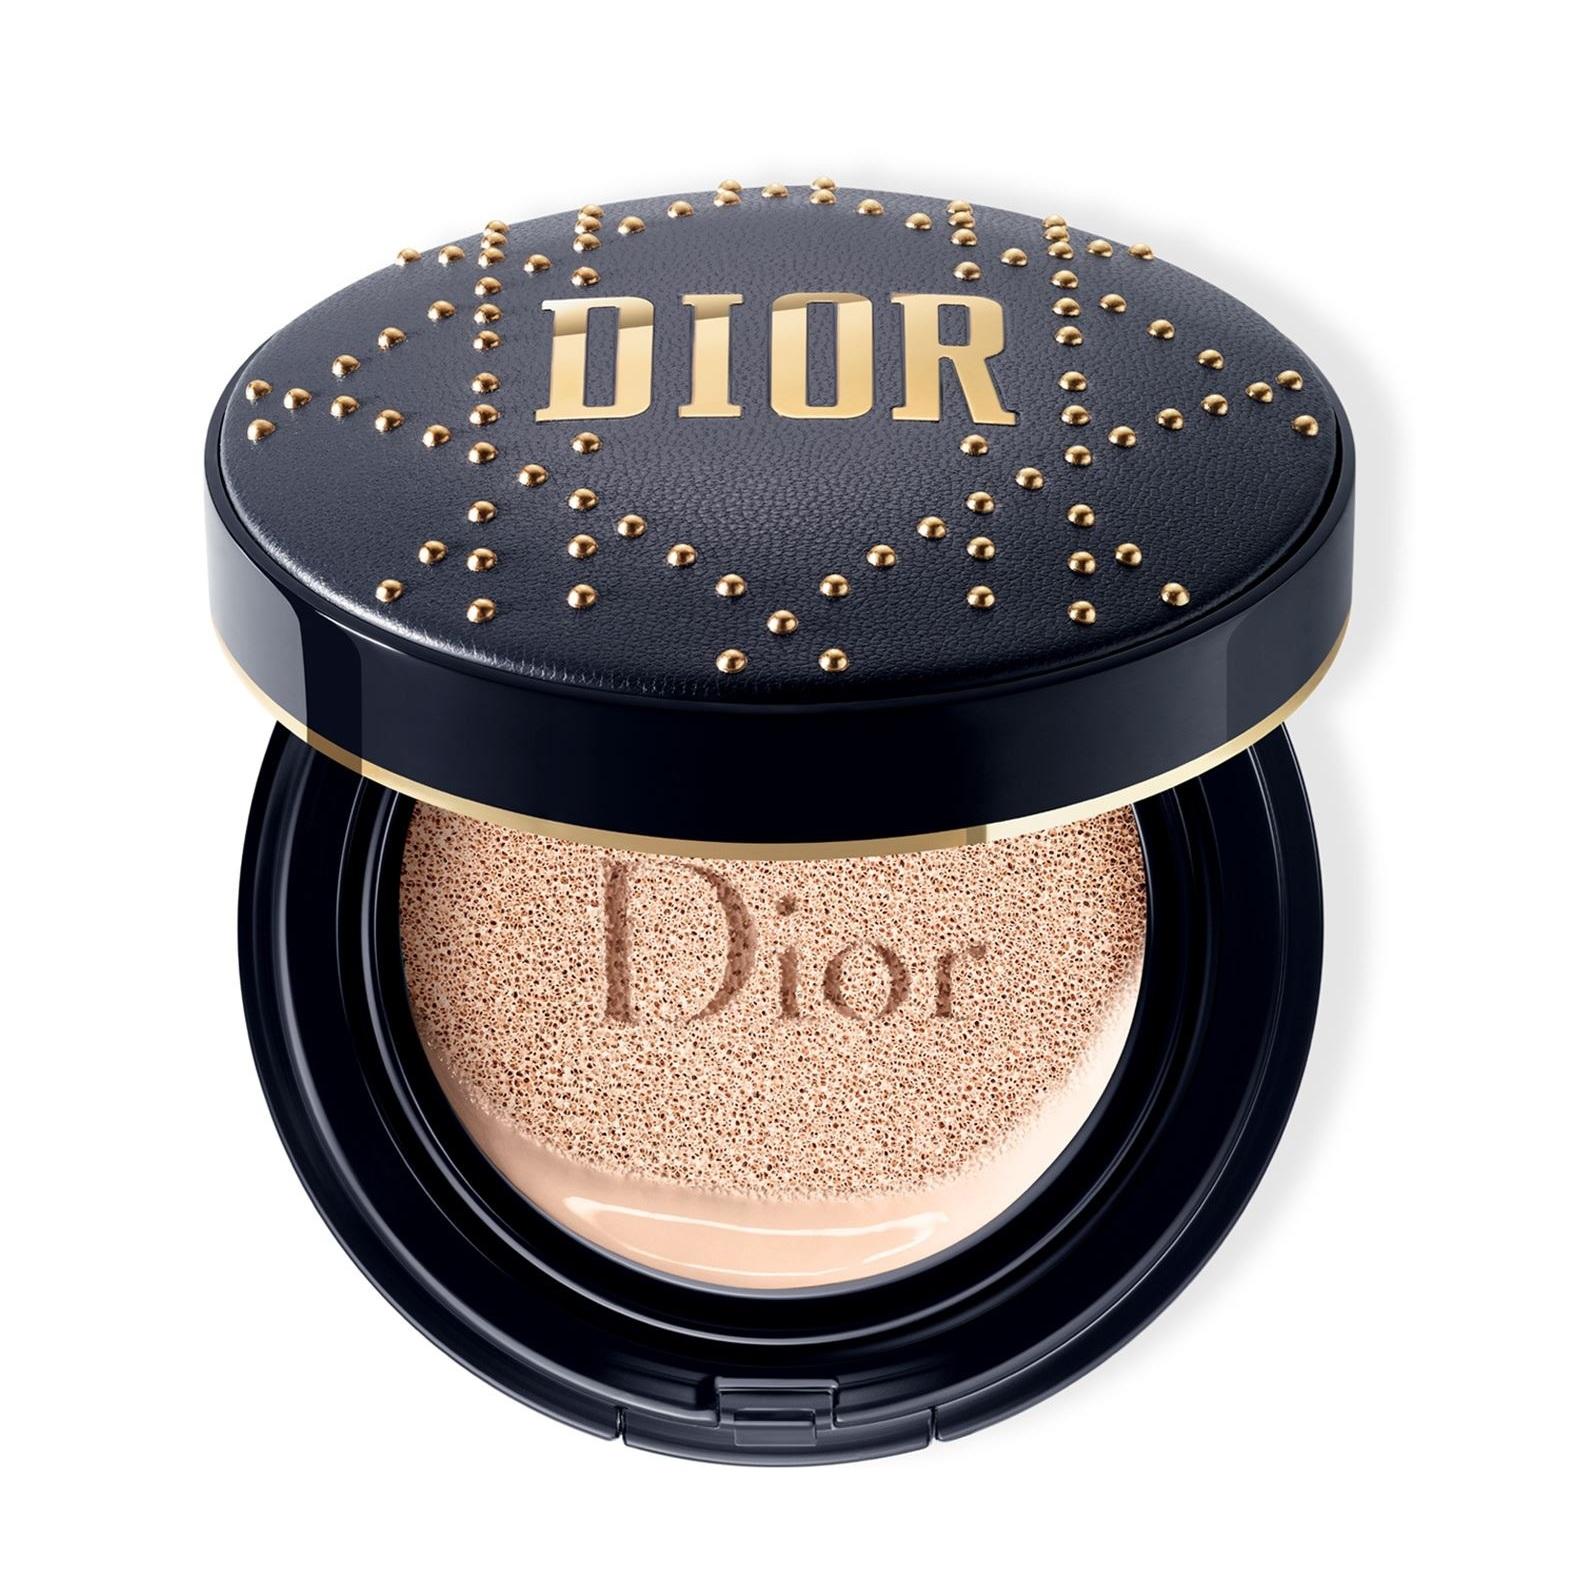 Dior 迪奧 限量款包裝 凝脂恒久氣墊粉底